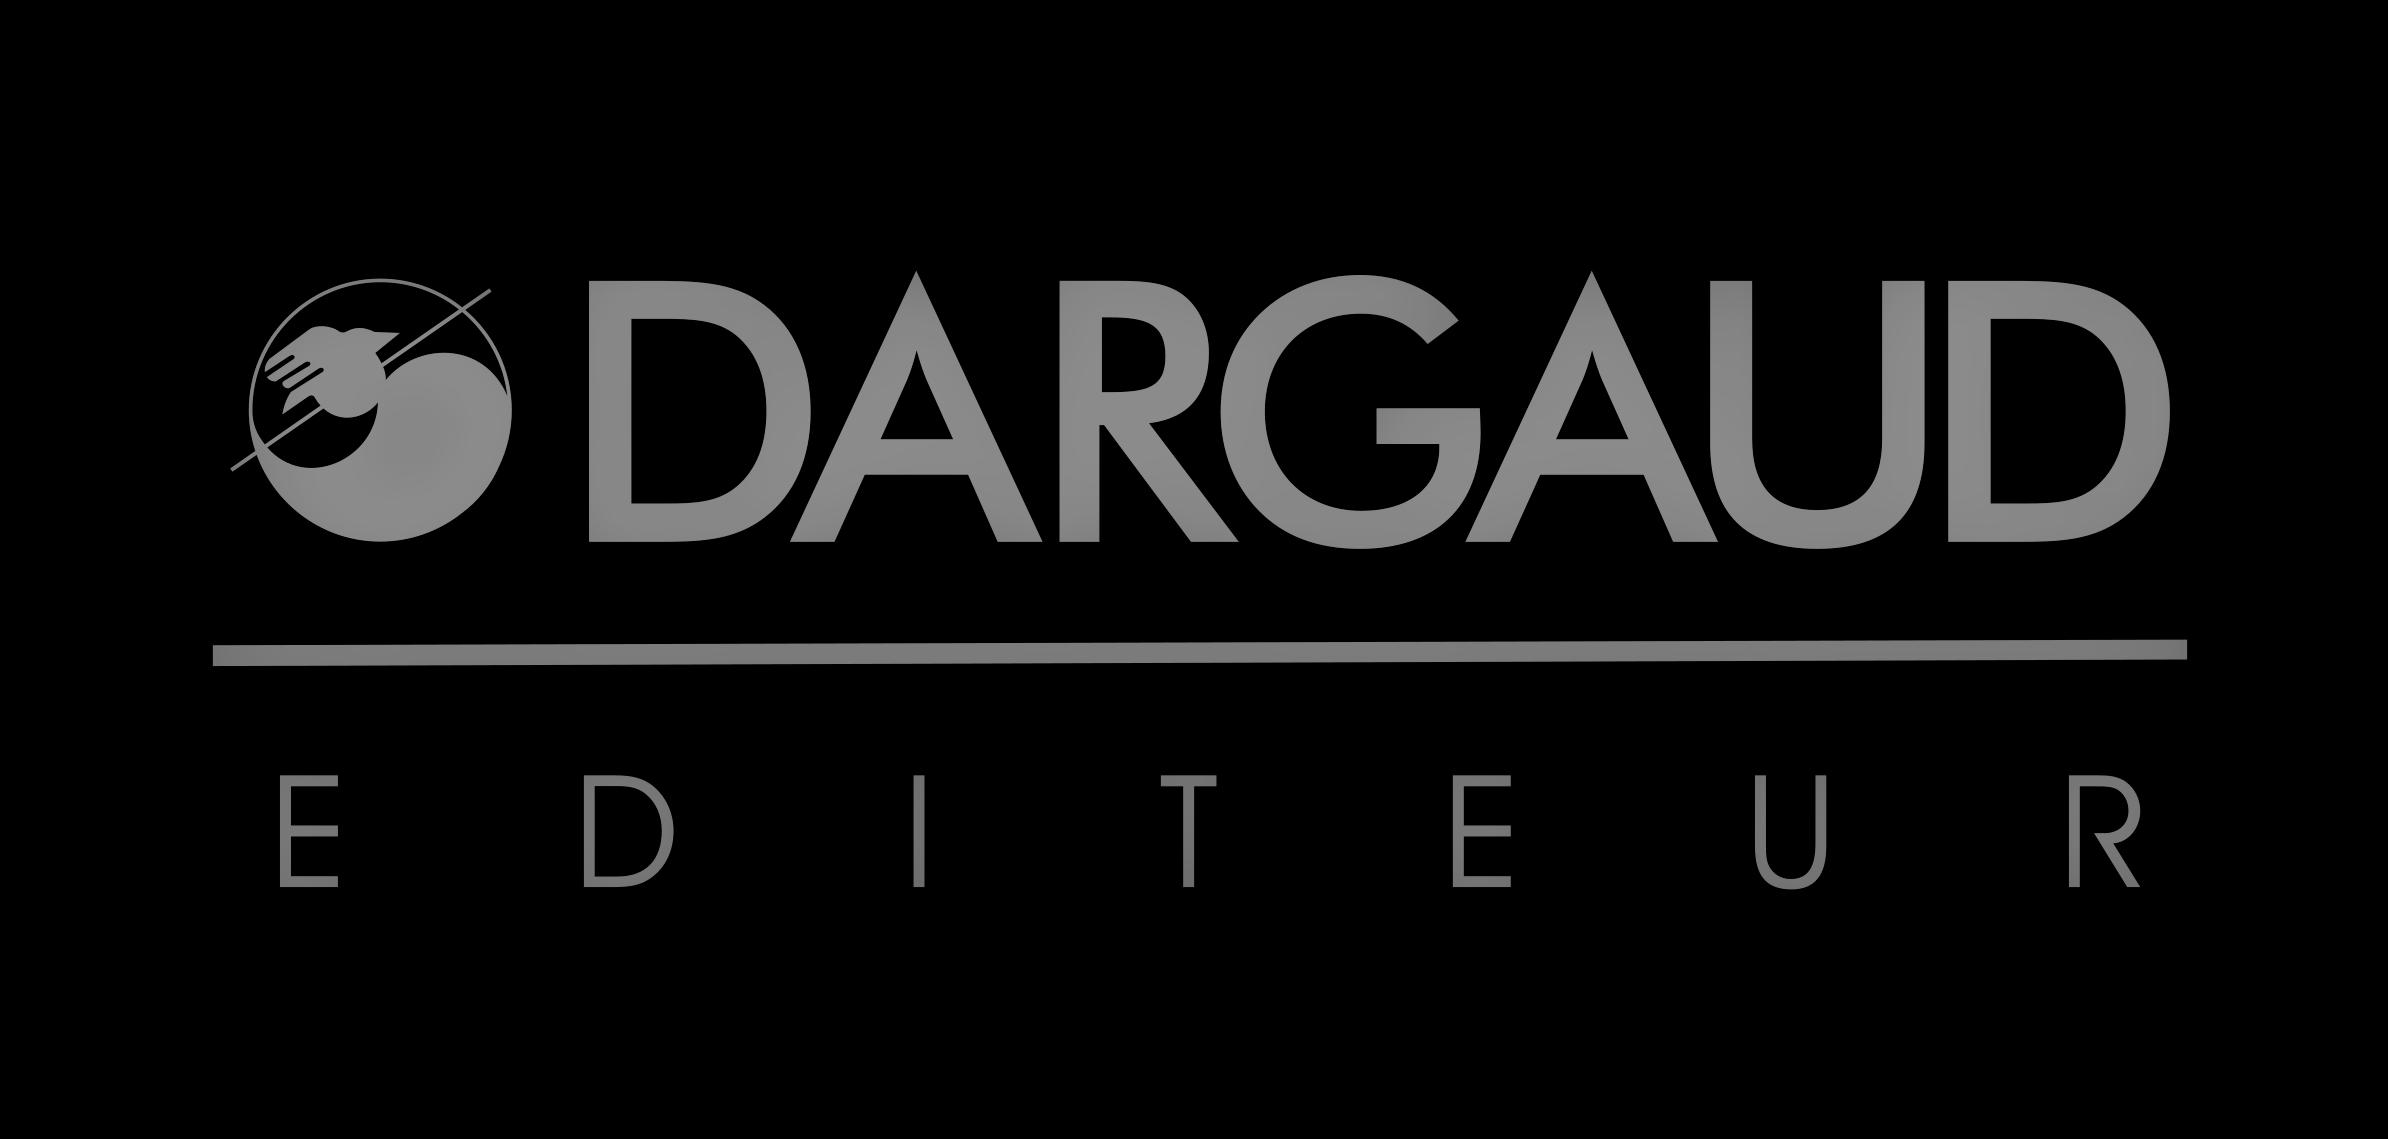 dargaud-editeur-logo-png-transparent (2)